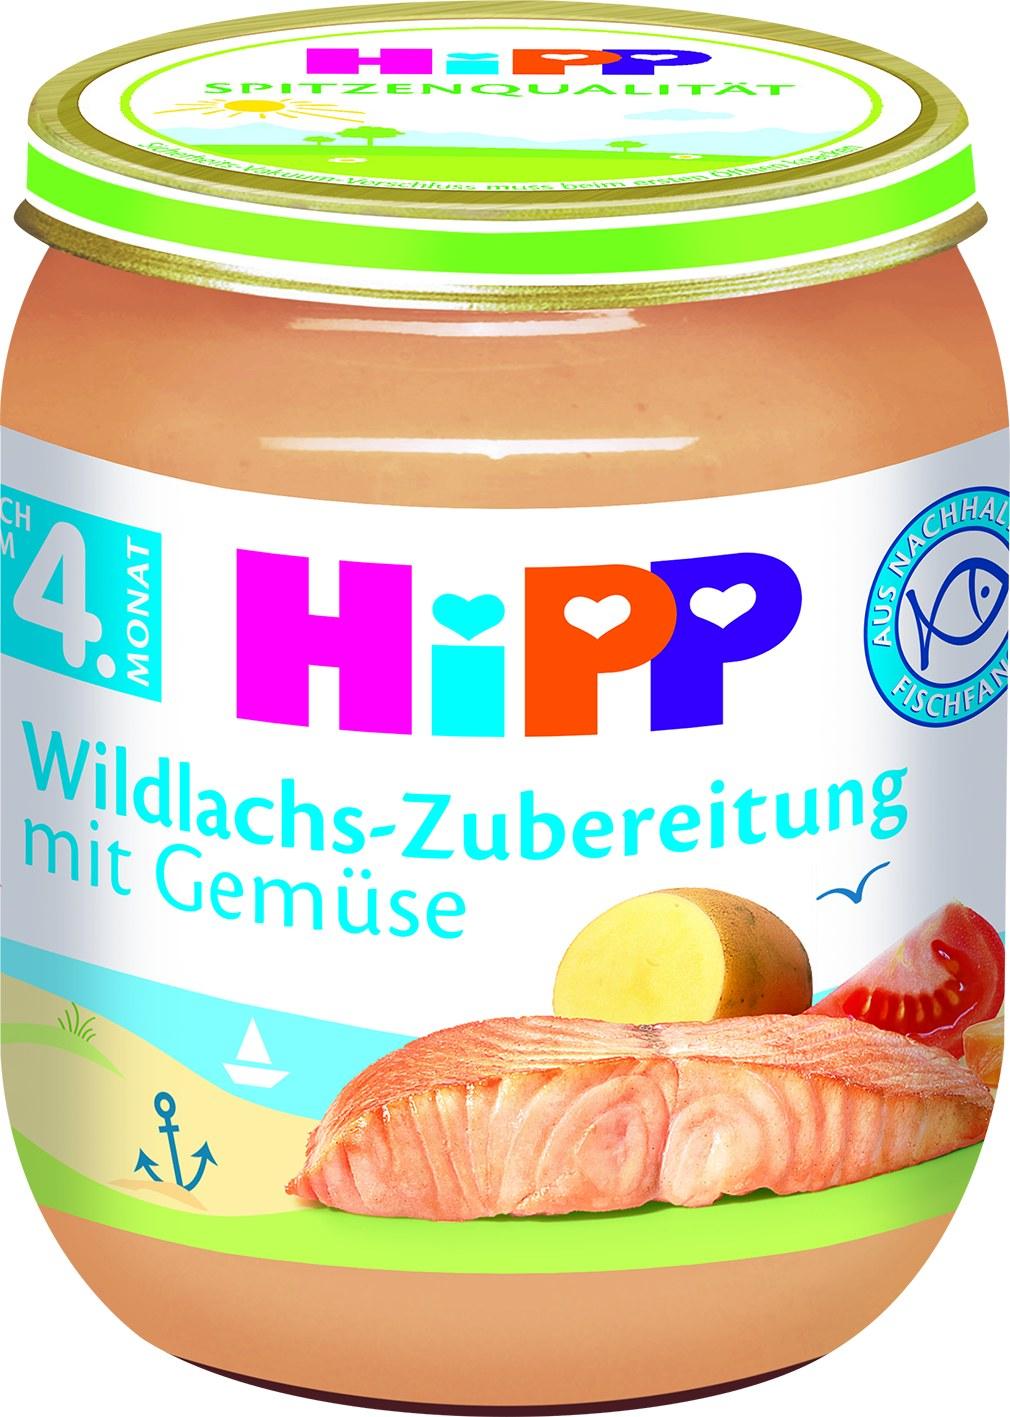 6025 Wildlachs mit Gemuese